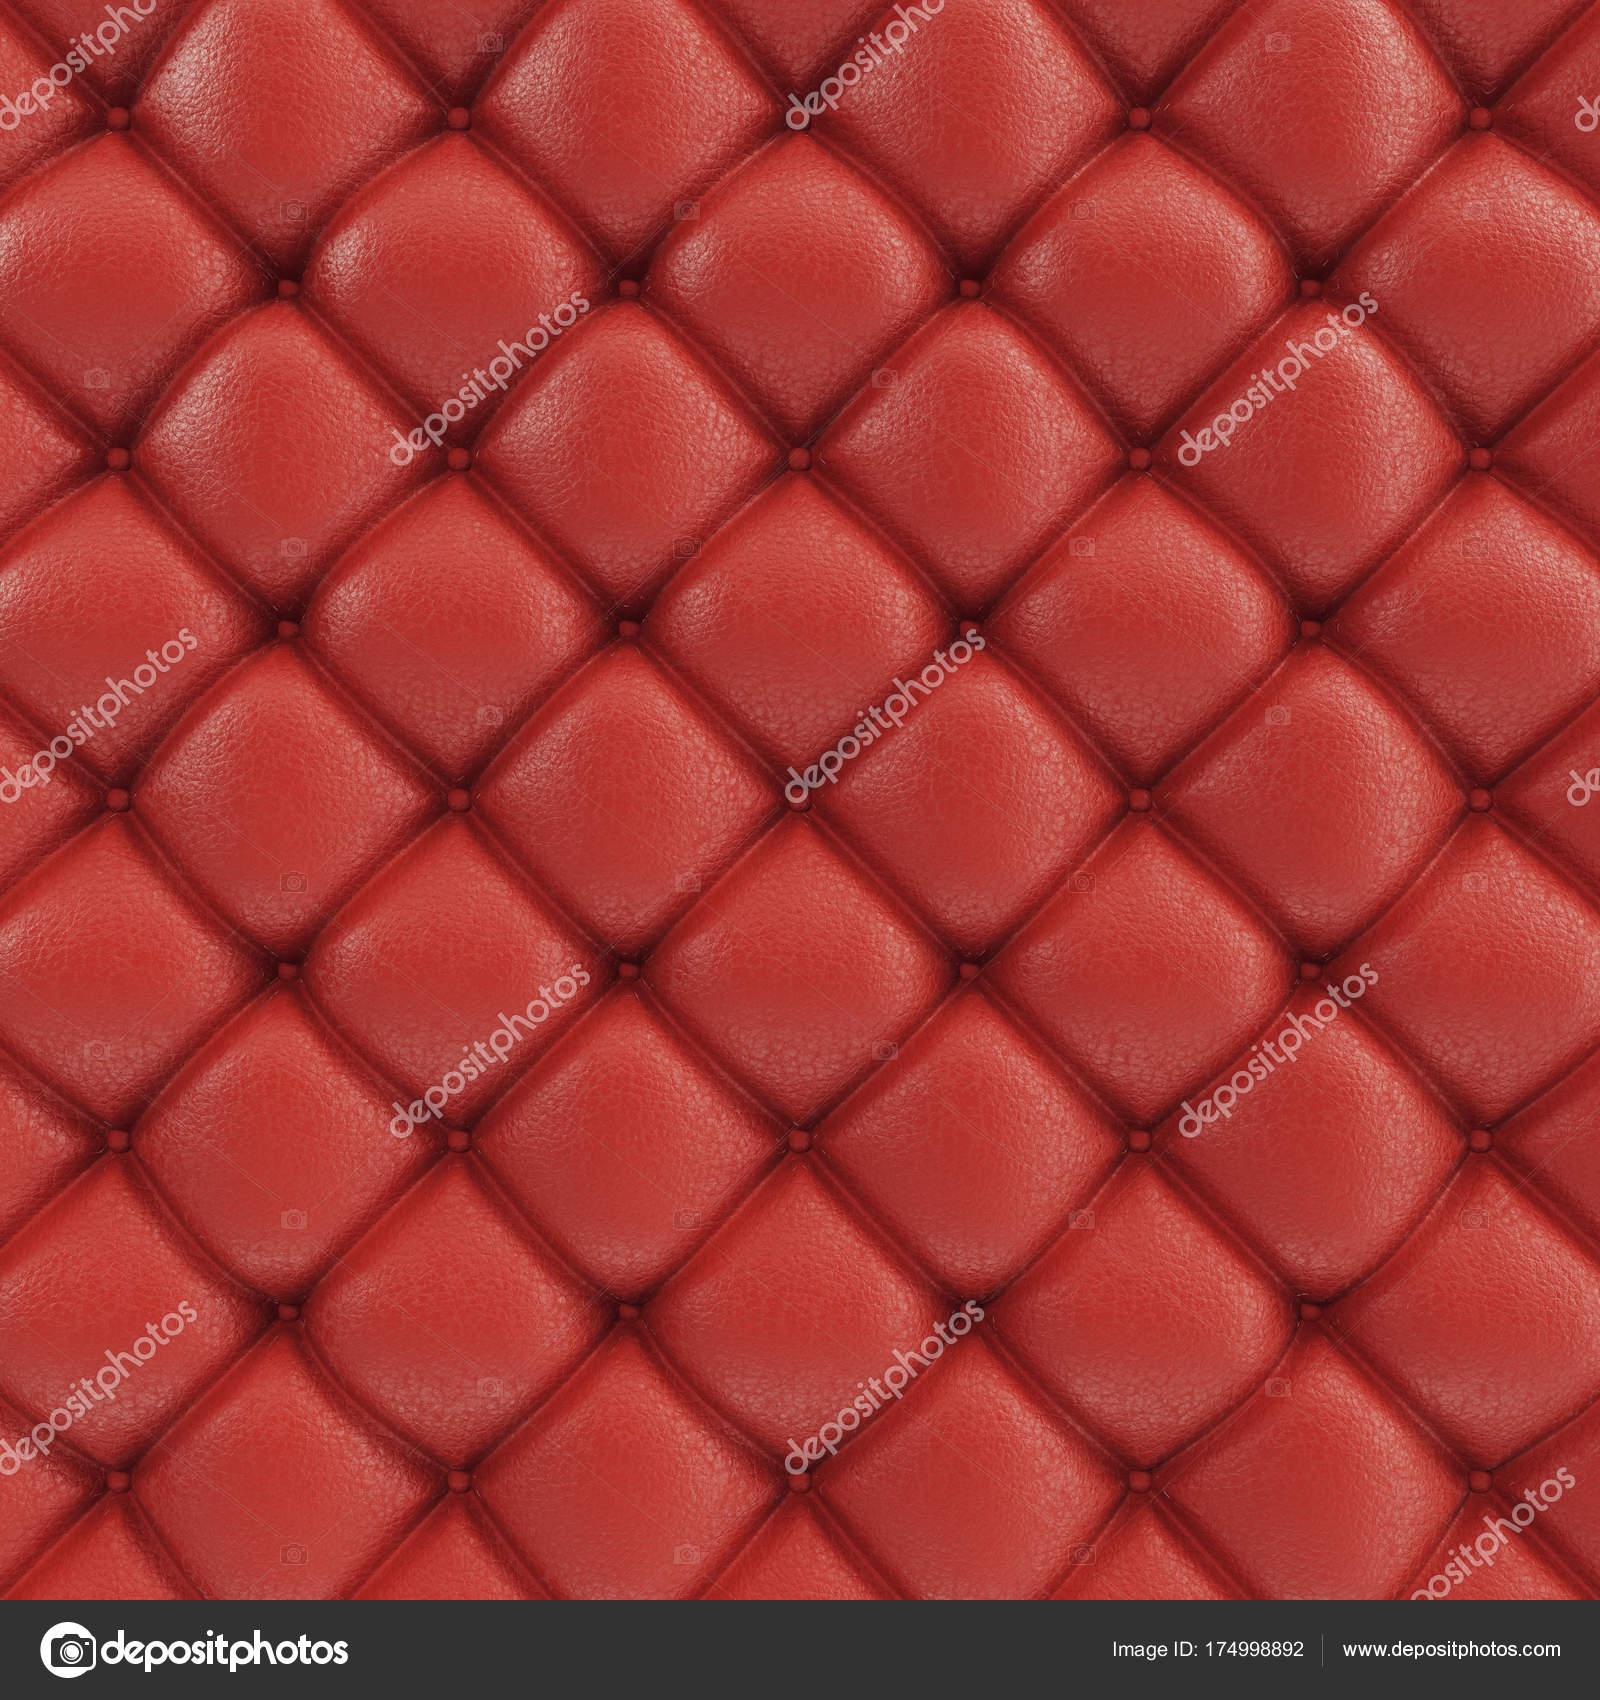 Texture Pelle Divano.Illustrazione Texture Leather Sofa Texture Di Divano In